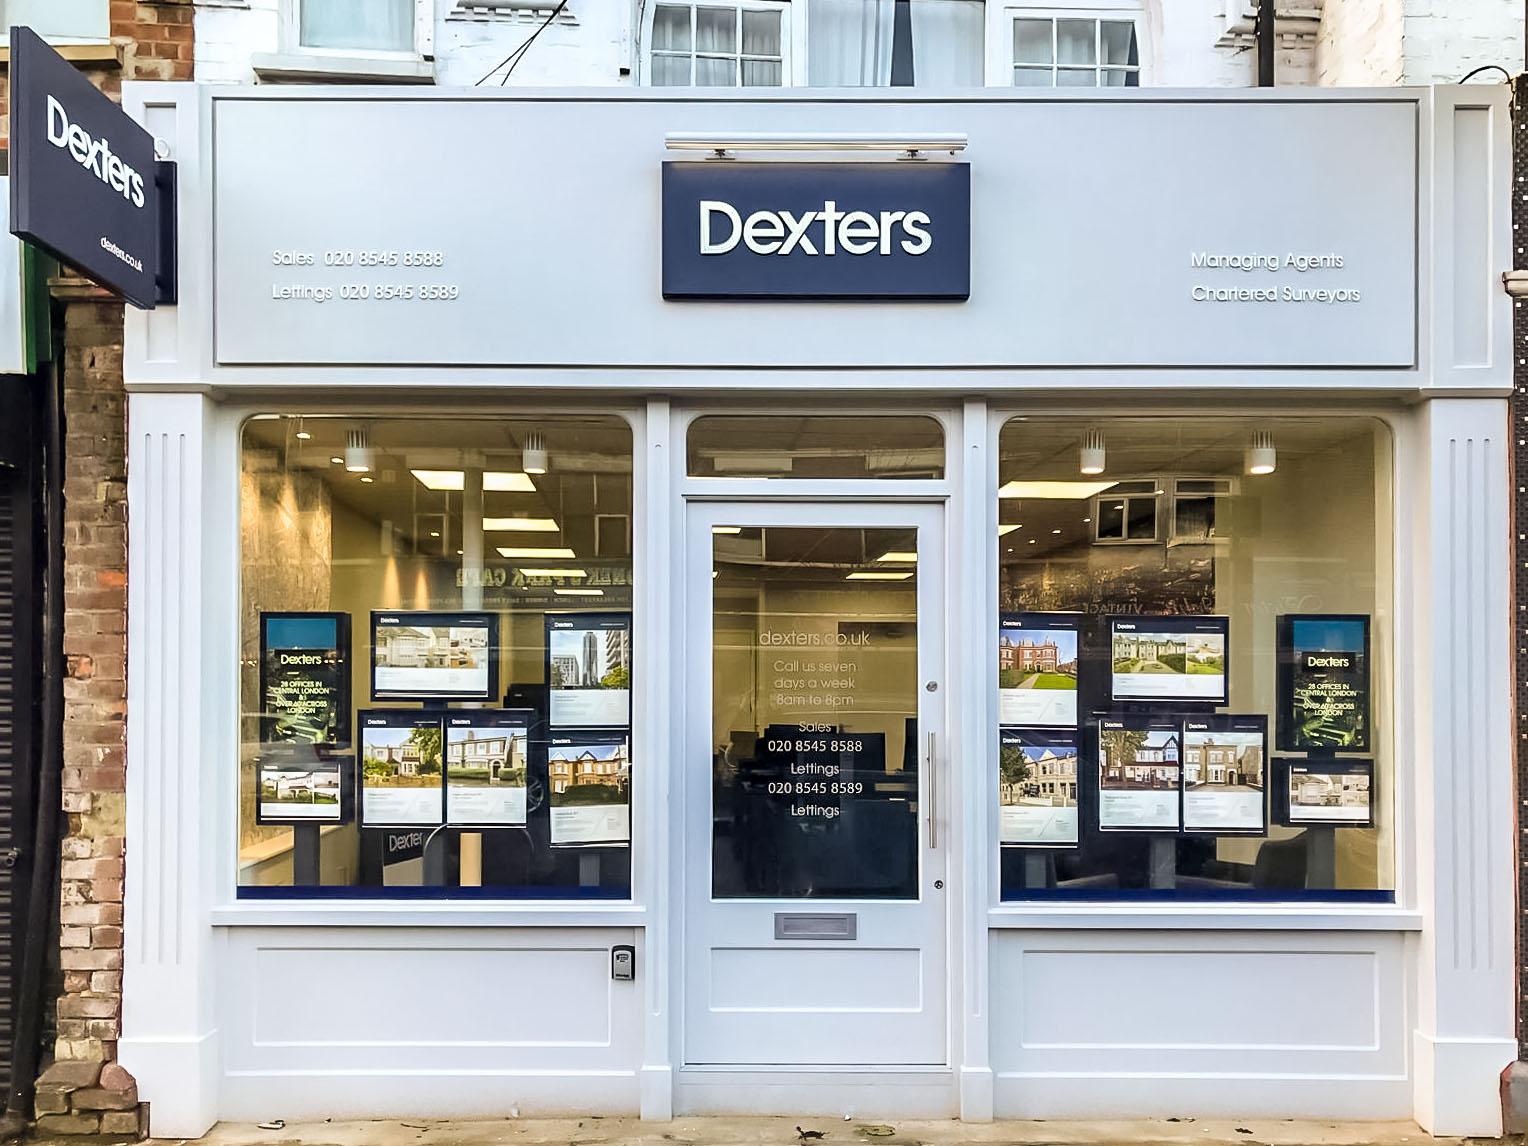 Dexters Estate Agents Northfields - London, London W13 9RT - 020 8545 8588 | ShowMeLocal.com